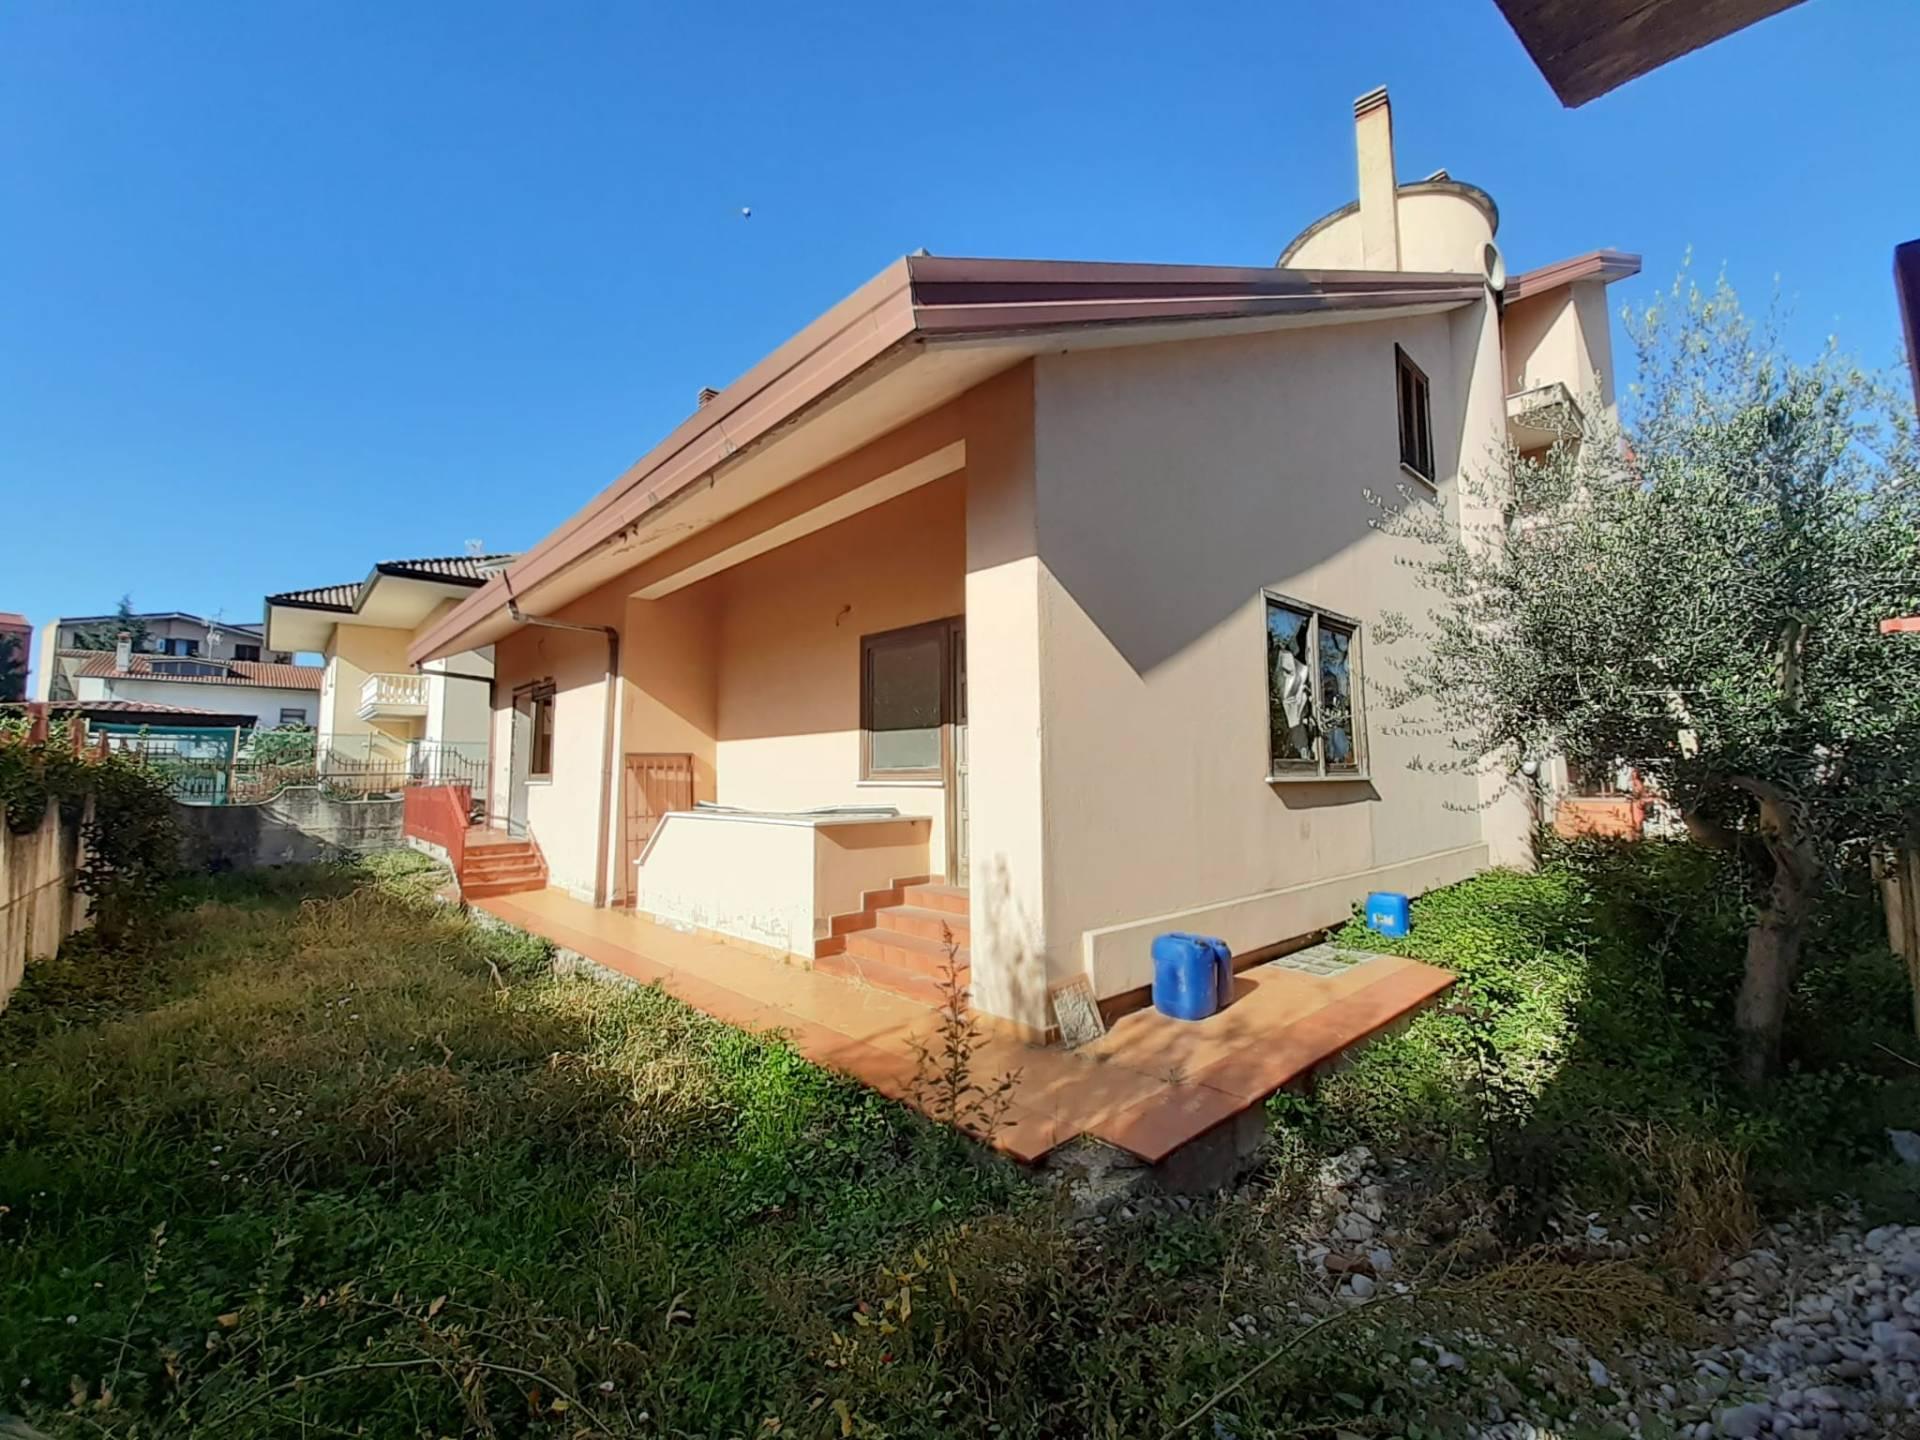 Soluzione Semindipendente in vendita a San Giorgio del Sannio, 7 locali, prezzo € 135.000 | CambioCasa.it